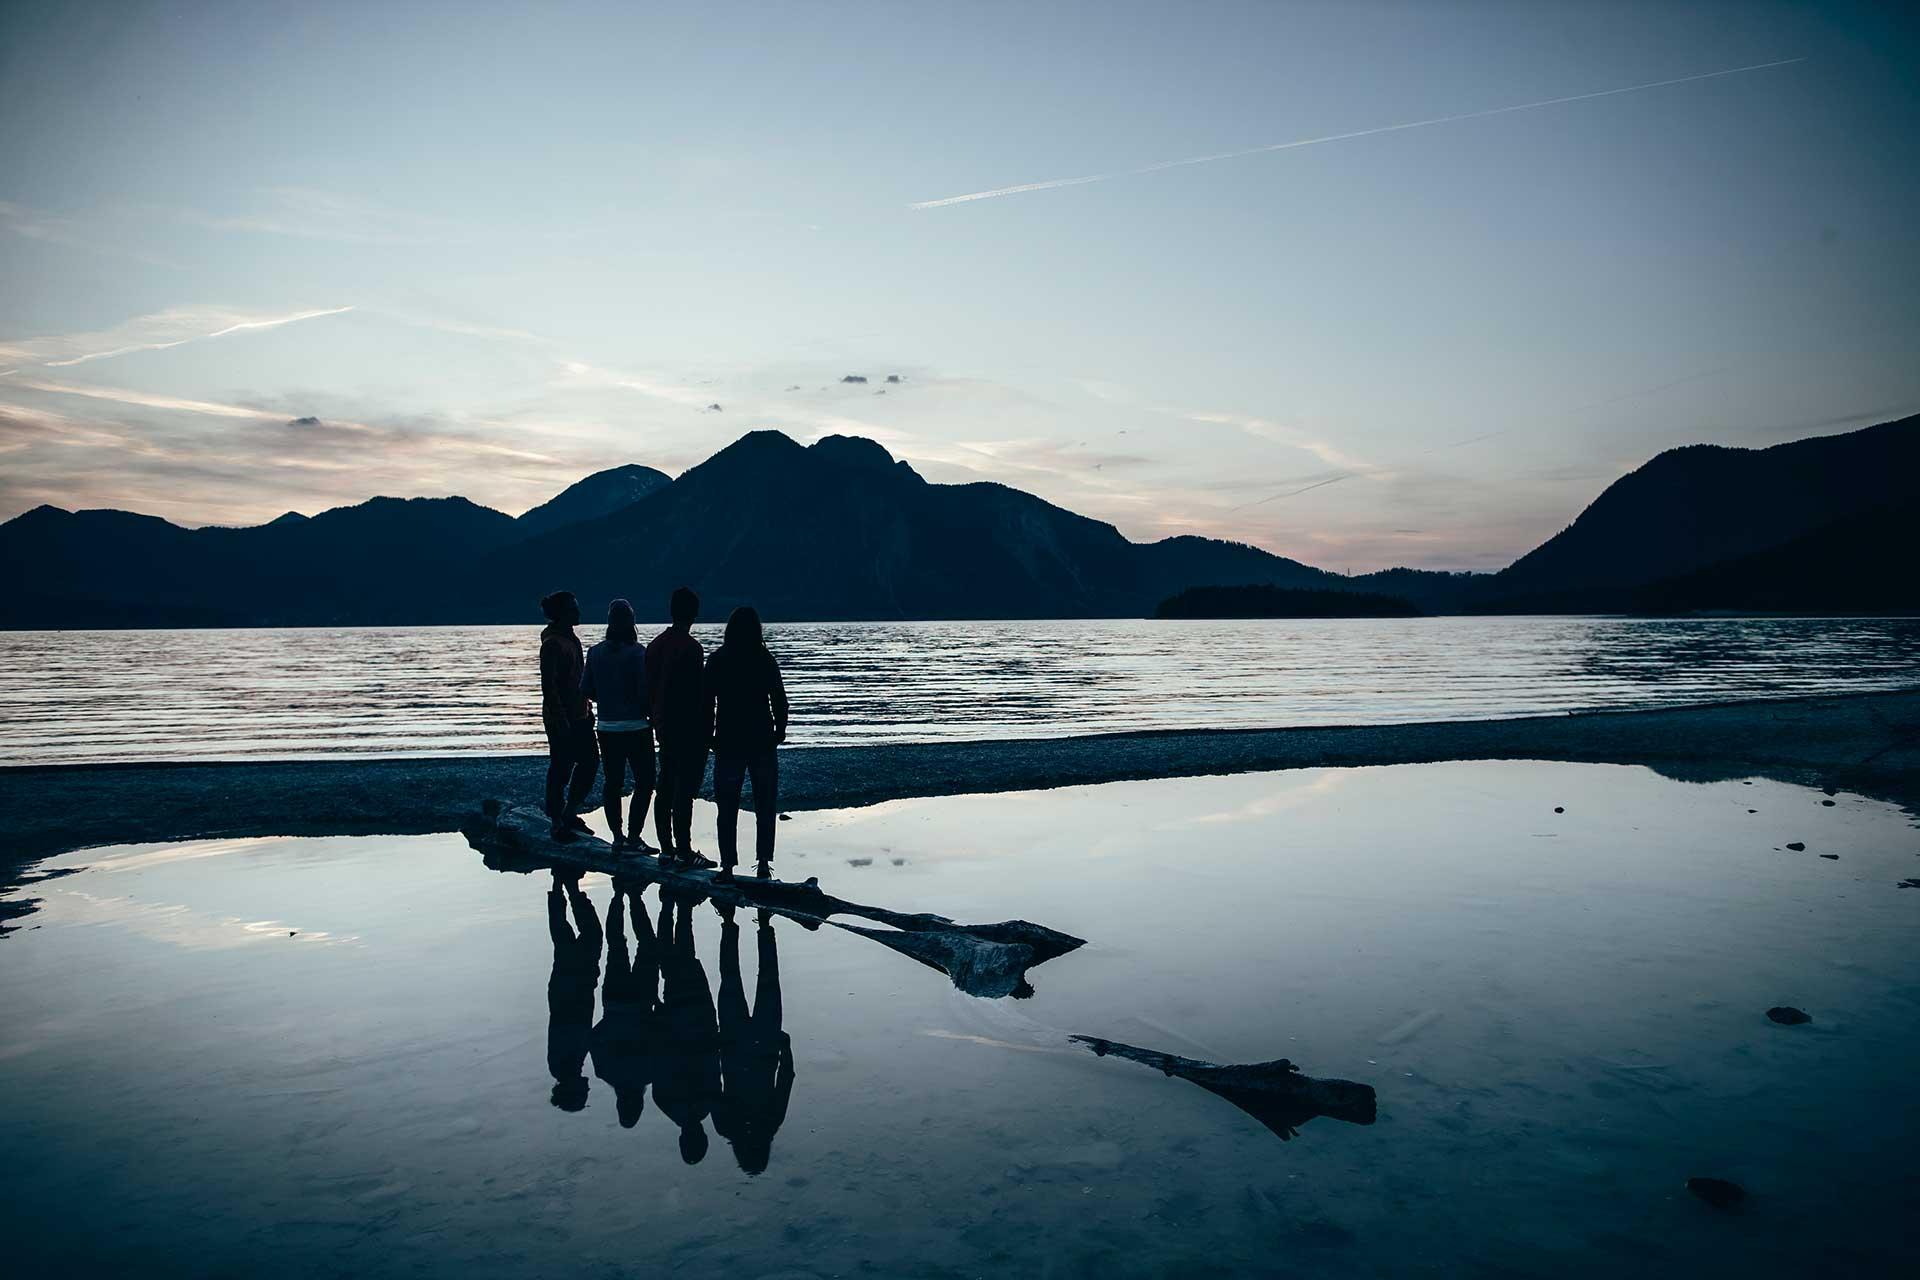 Spiegelung Fotograf Lifestyle Campen Dämmerung Michael Müller